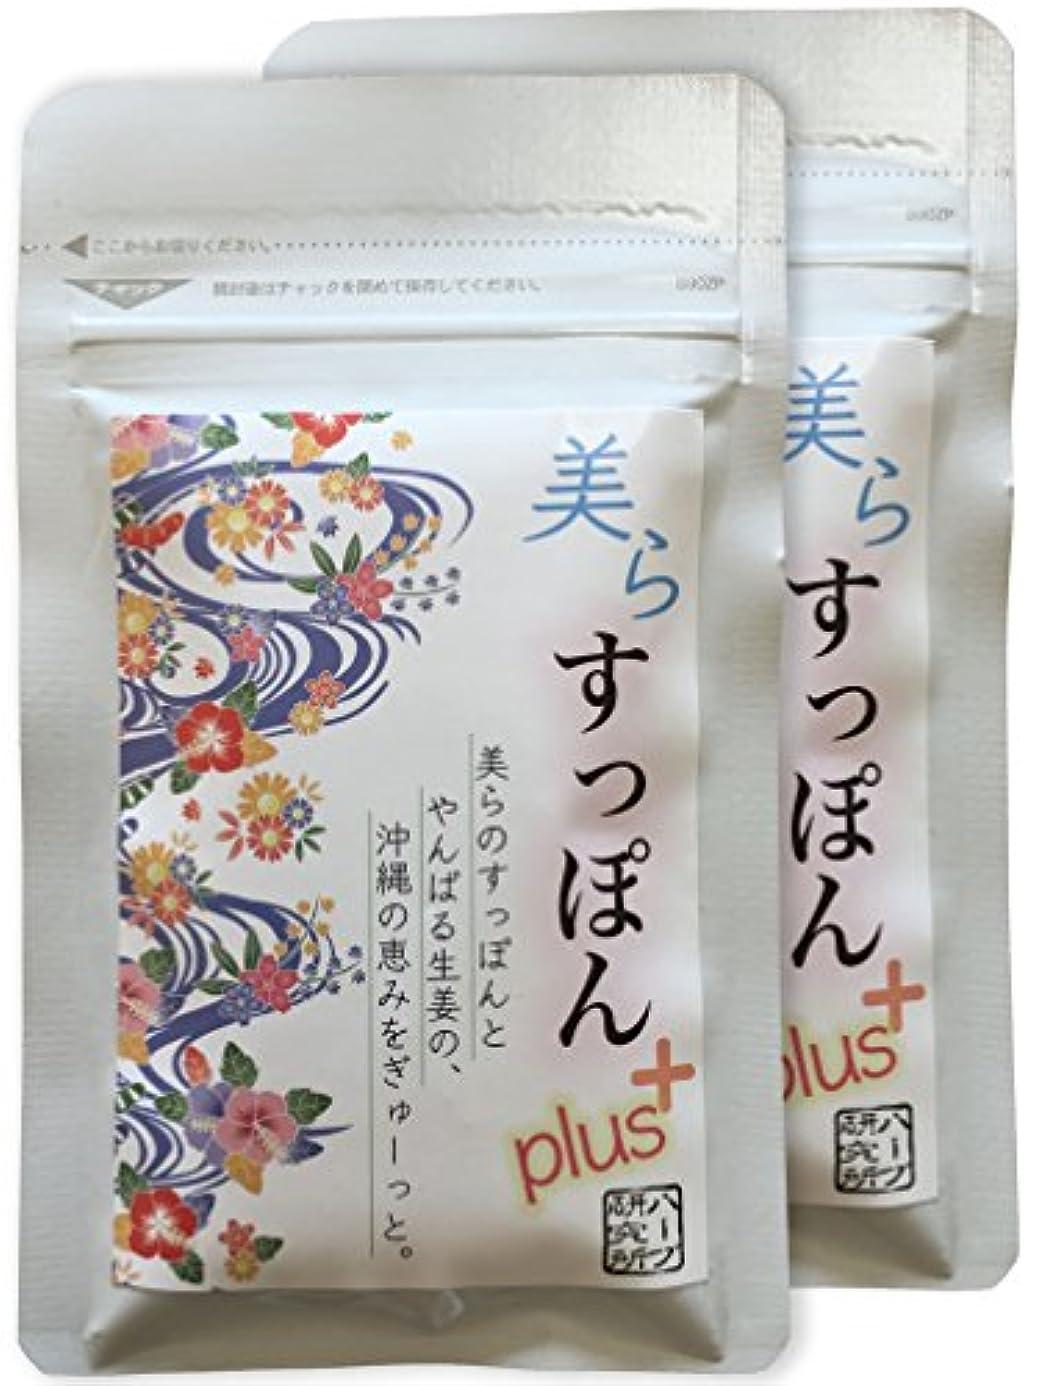 雨の攻撃感嘆符温活 ぷるぷる 沖縄 すっぽん + やんばる しょうが のサプリ 62粒×2パックで10%OFF